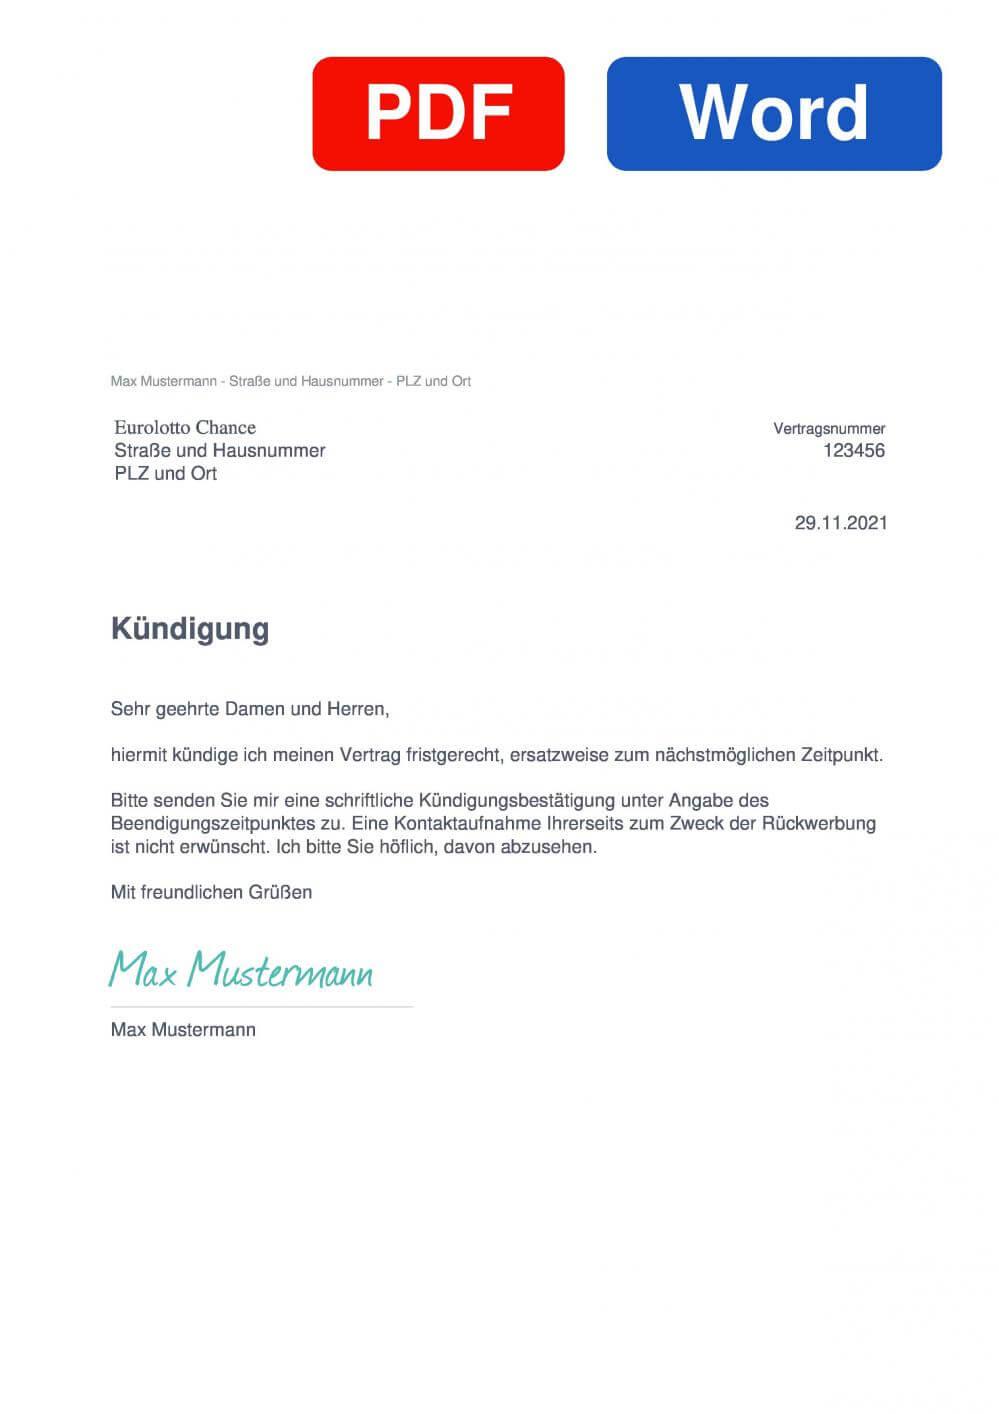 Eurolotto Chance Muster Vorlage für Kündigungsschreiben